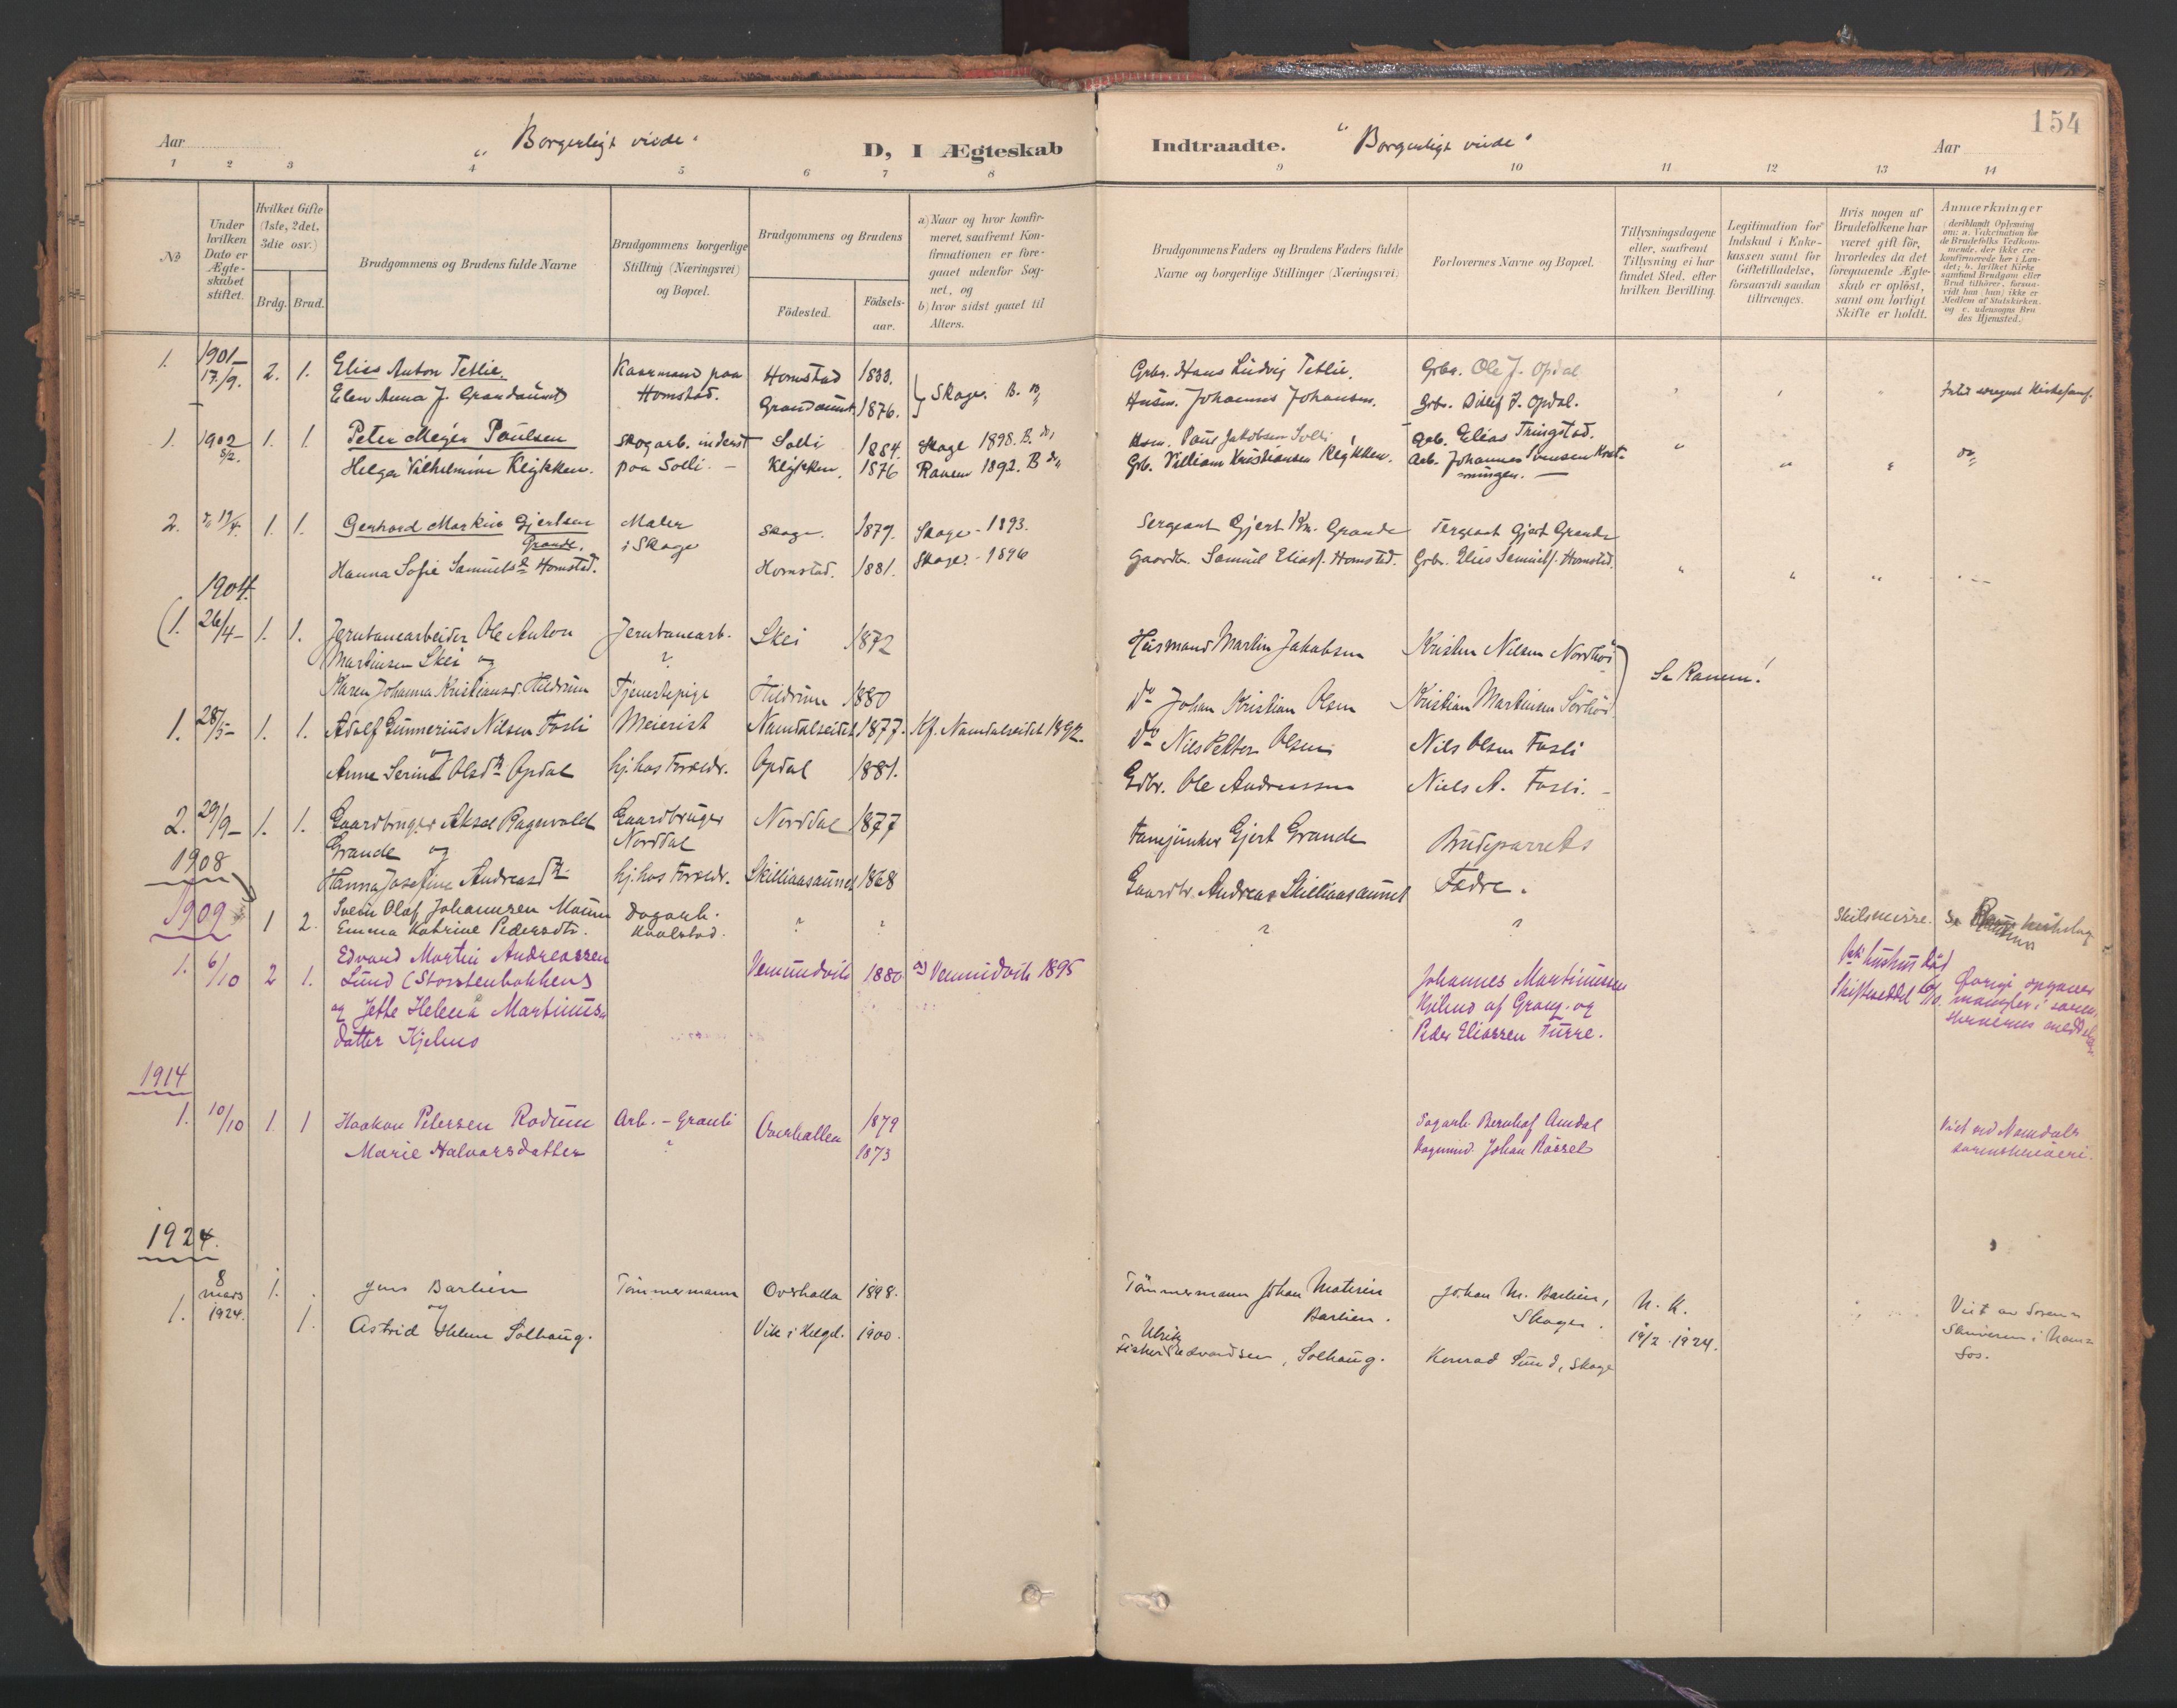 SAT, Ministerialprotokoller, klokkerbøker og fødselsregistre - Nord-Trøndelag, 766/L0564: Ministerialbok nr. 767A02, 1900-1932, s. 154